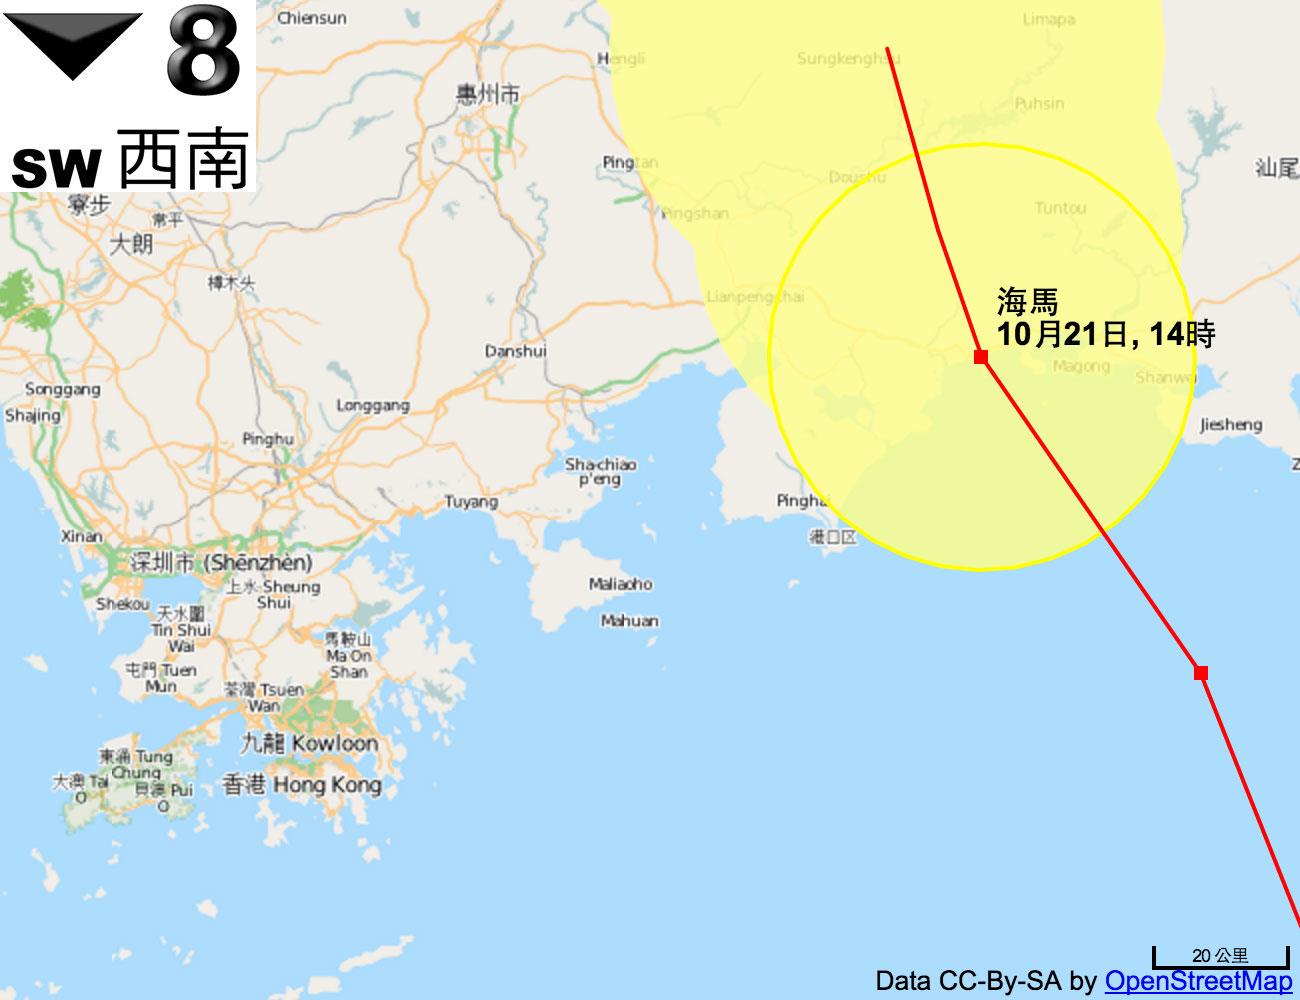 在下午2時,颱風海馬集結在香港之東北偏東約110公里,即在北緯22.8度,東經115.1度附近,預料向西北偏北移動,時速約25公里,移入廣東內陸。(香港天文台網頁)